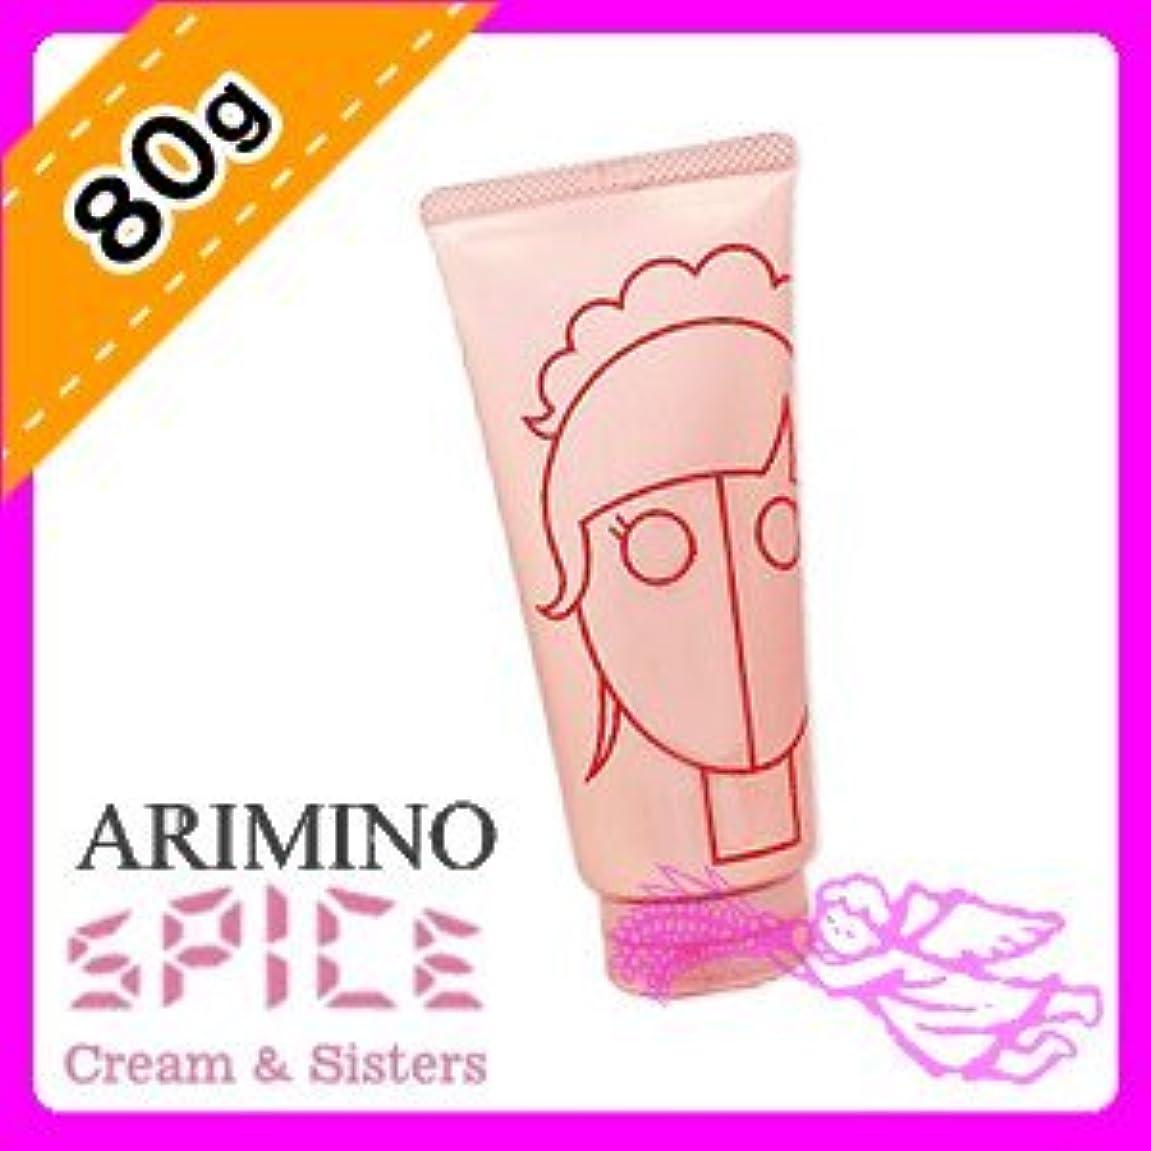 混合した進化味アリミノ スパイスネオ デコメイクワックス<80g> arimino SPICE